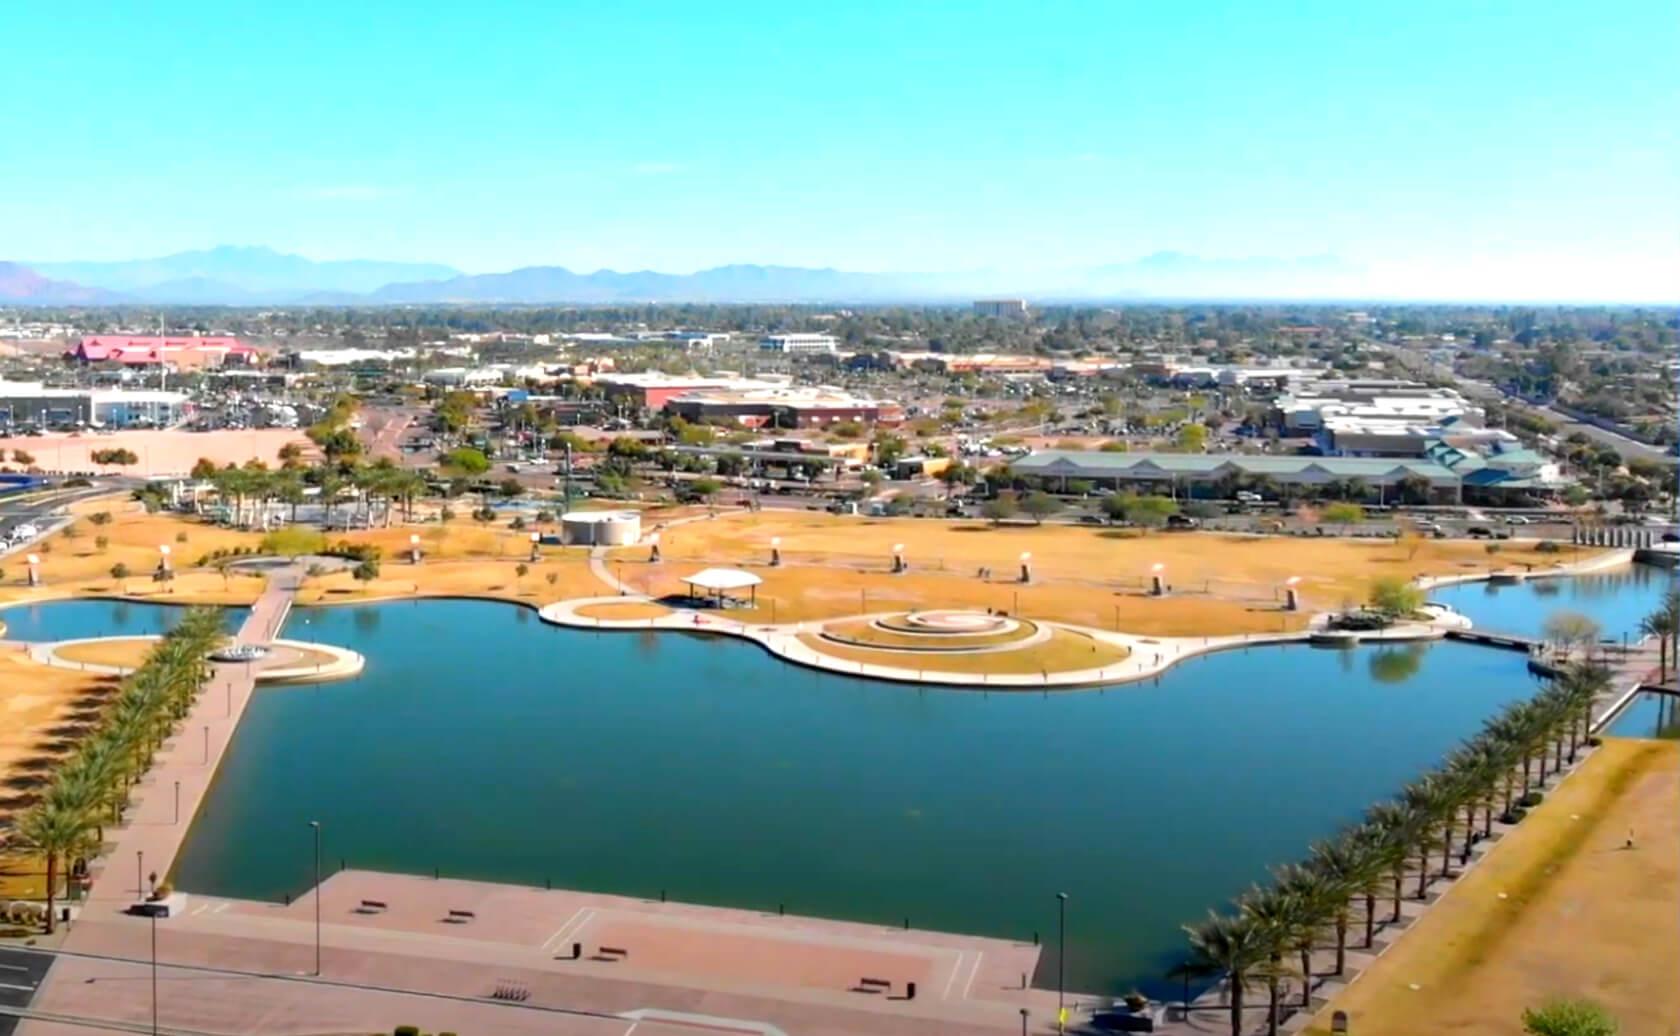 Riverview-Lake-Fishing-Guide-Mesa-AZ-09